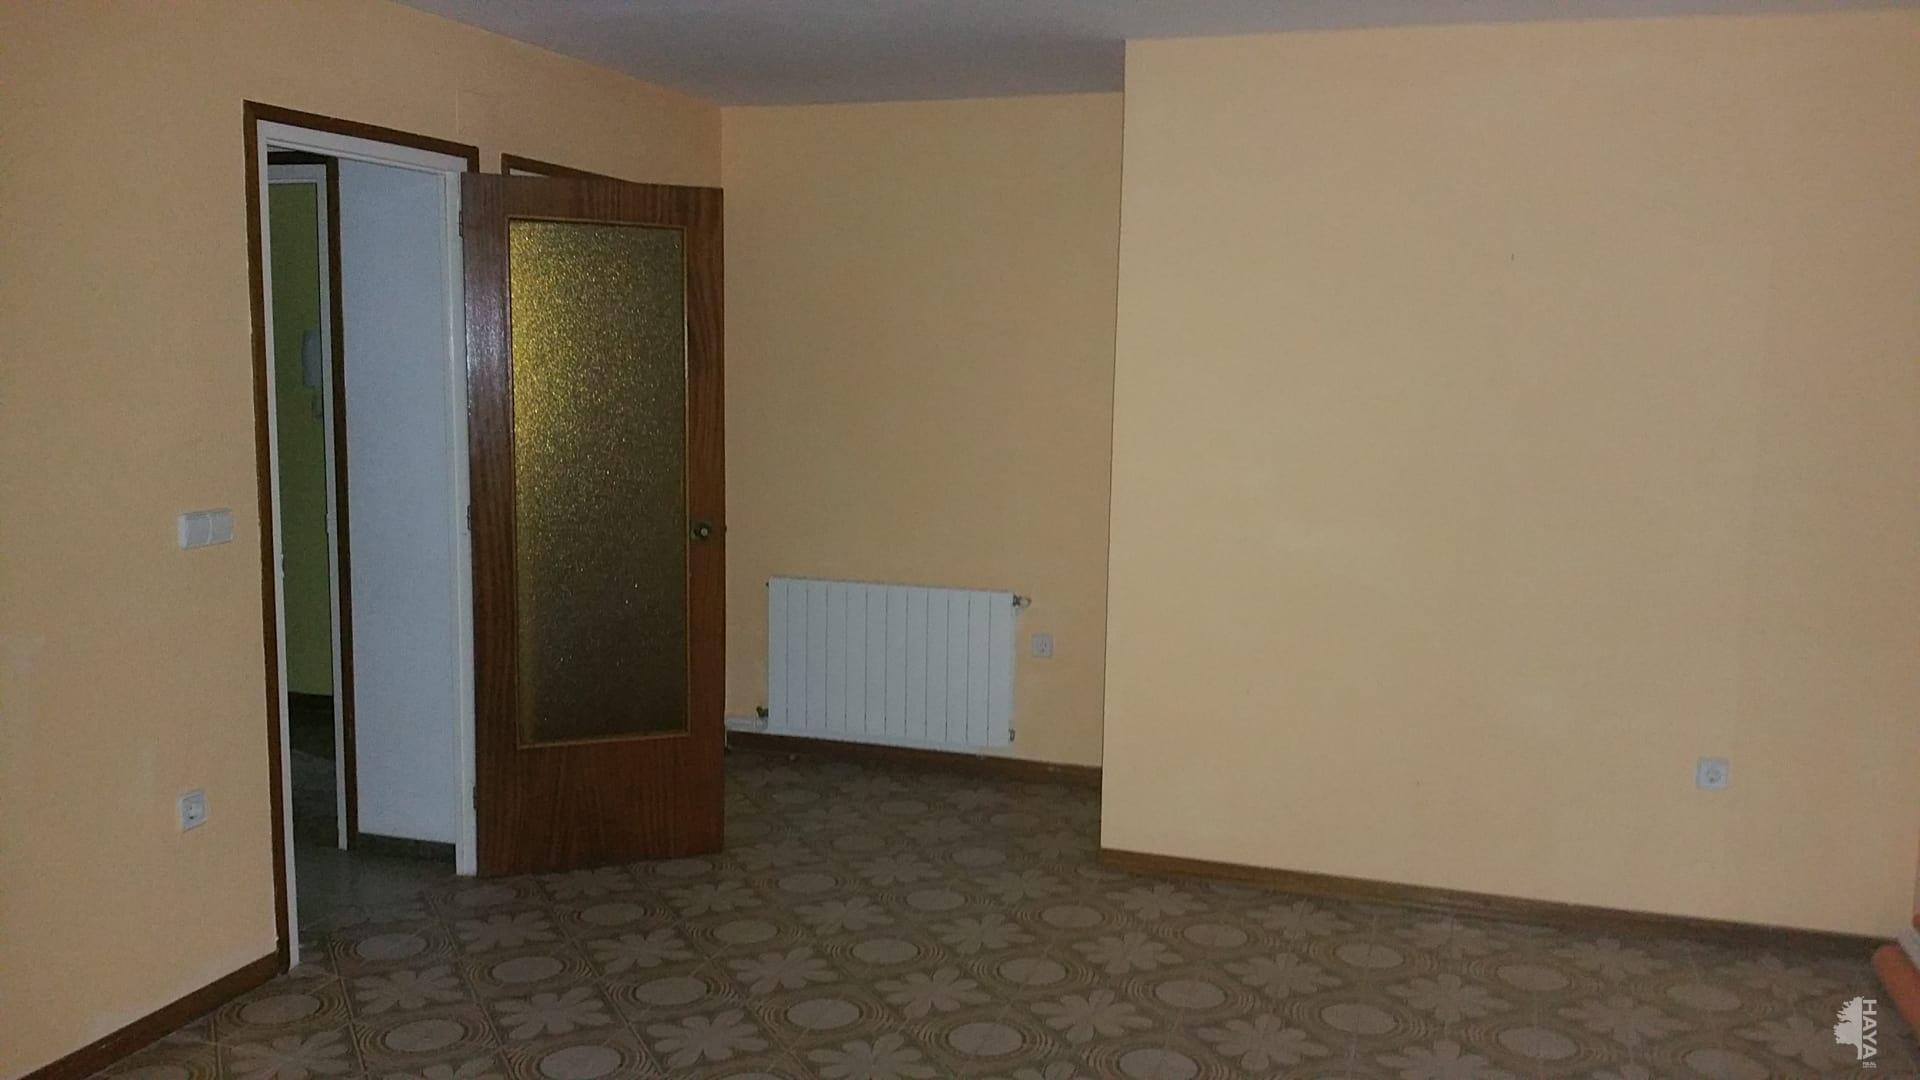 Piso en venta en Malgrat de Mar, Barcelona, Avenida Barcelona Edif. Mar de Malgrat, 153.345 €, 3 habitaciones, 2 baños, 115 m2